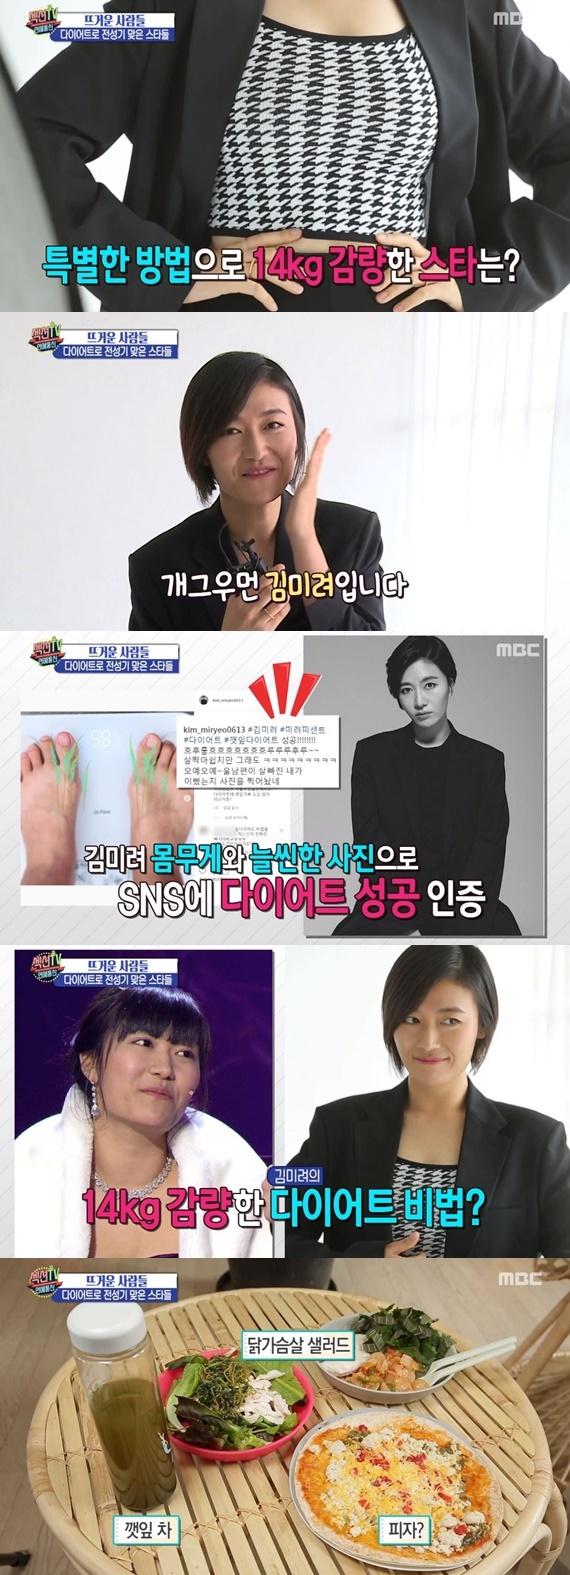 김미려 14kg 감량